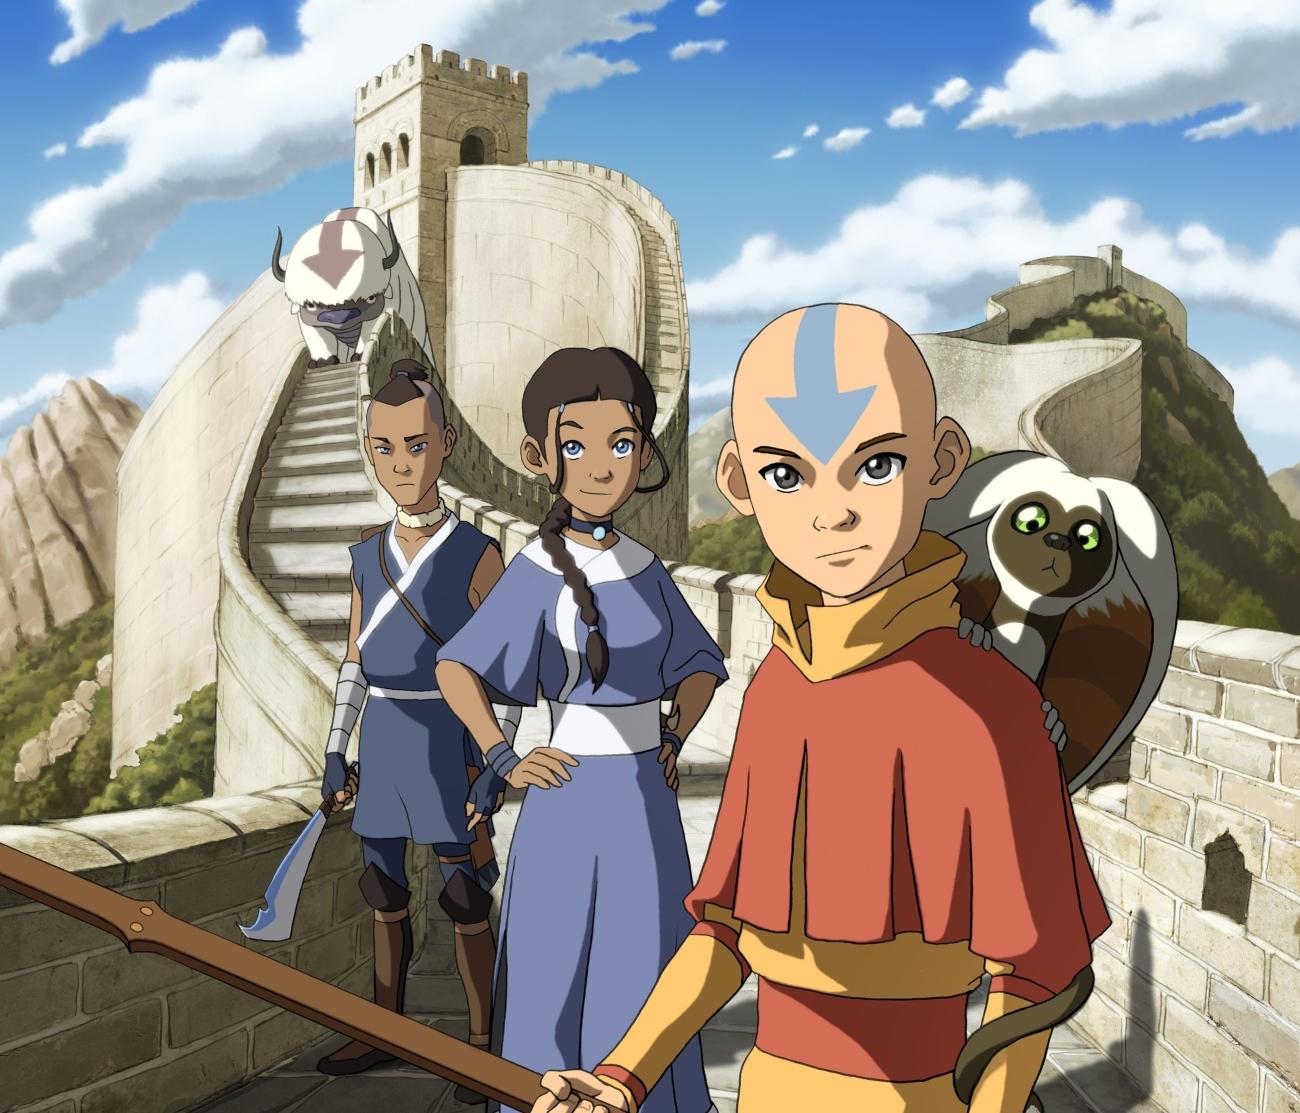 Avatar: The Last Airbender characters Aang, Katara, and Sokka